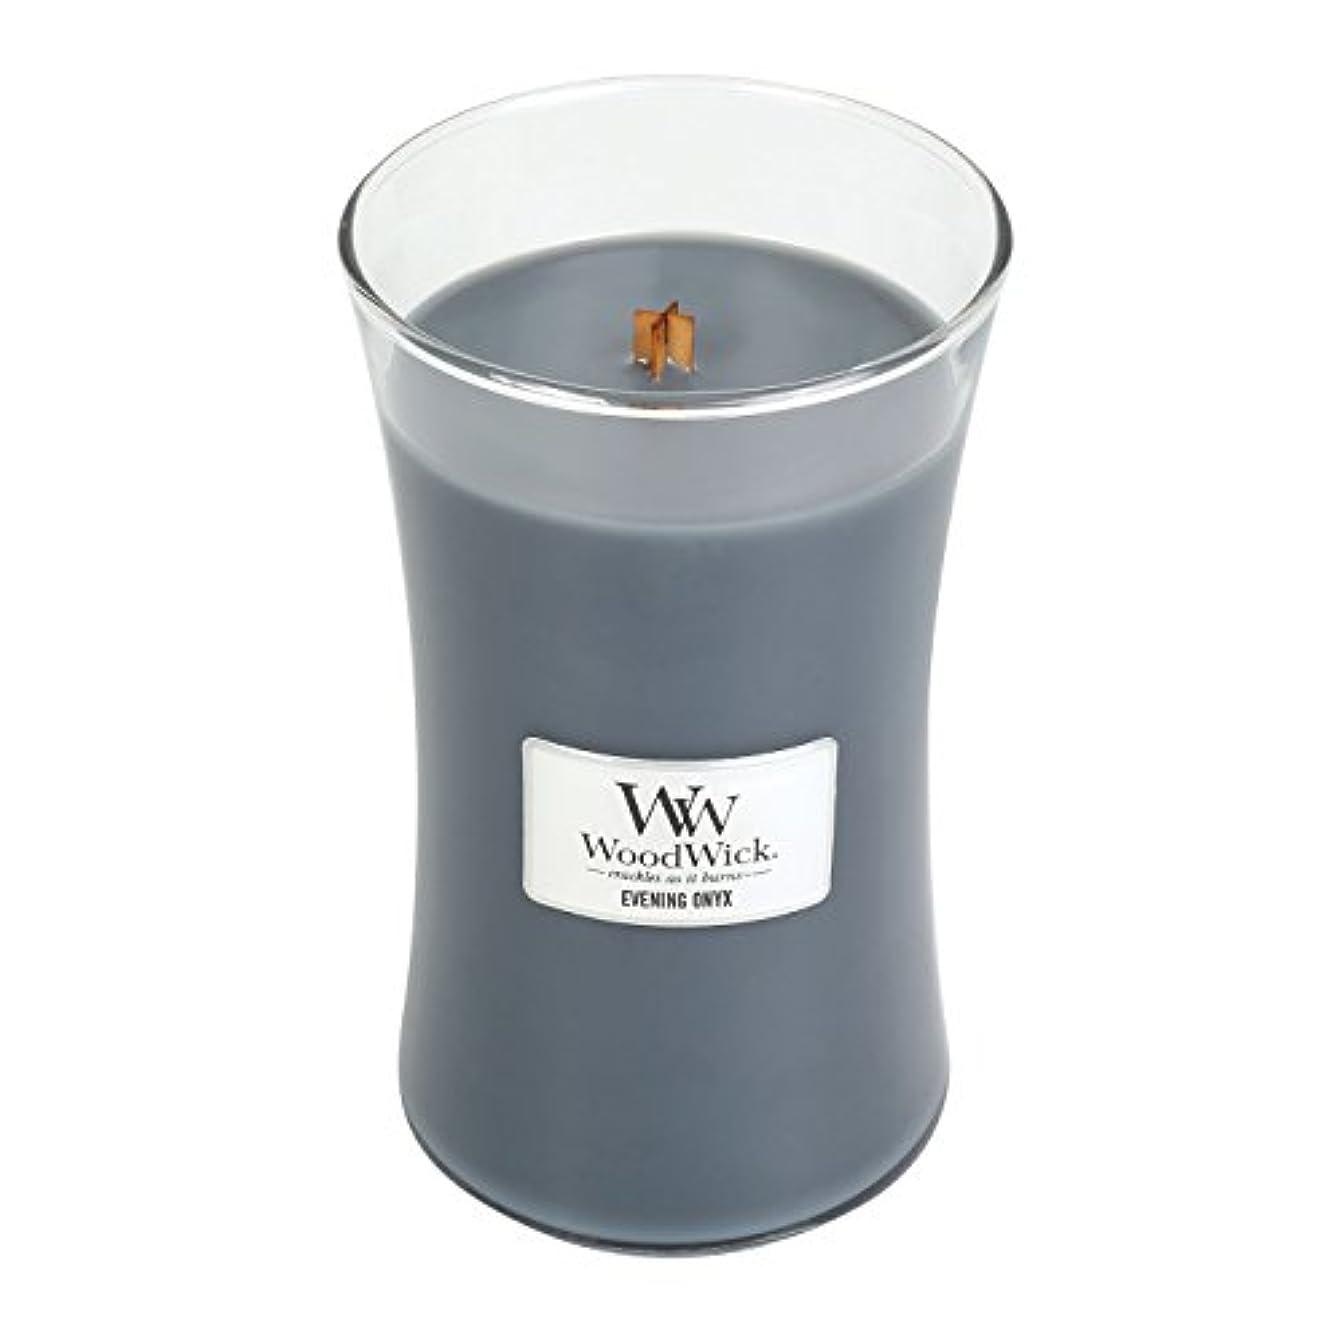 通常調和歪めるWoodWick EVENING ONYX, Highly Scented Candle, Classic Hourglass Jar, Large 18cm, 640ml